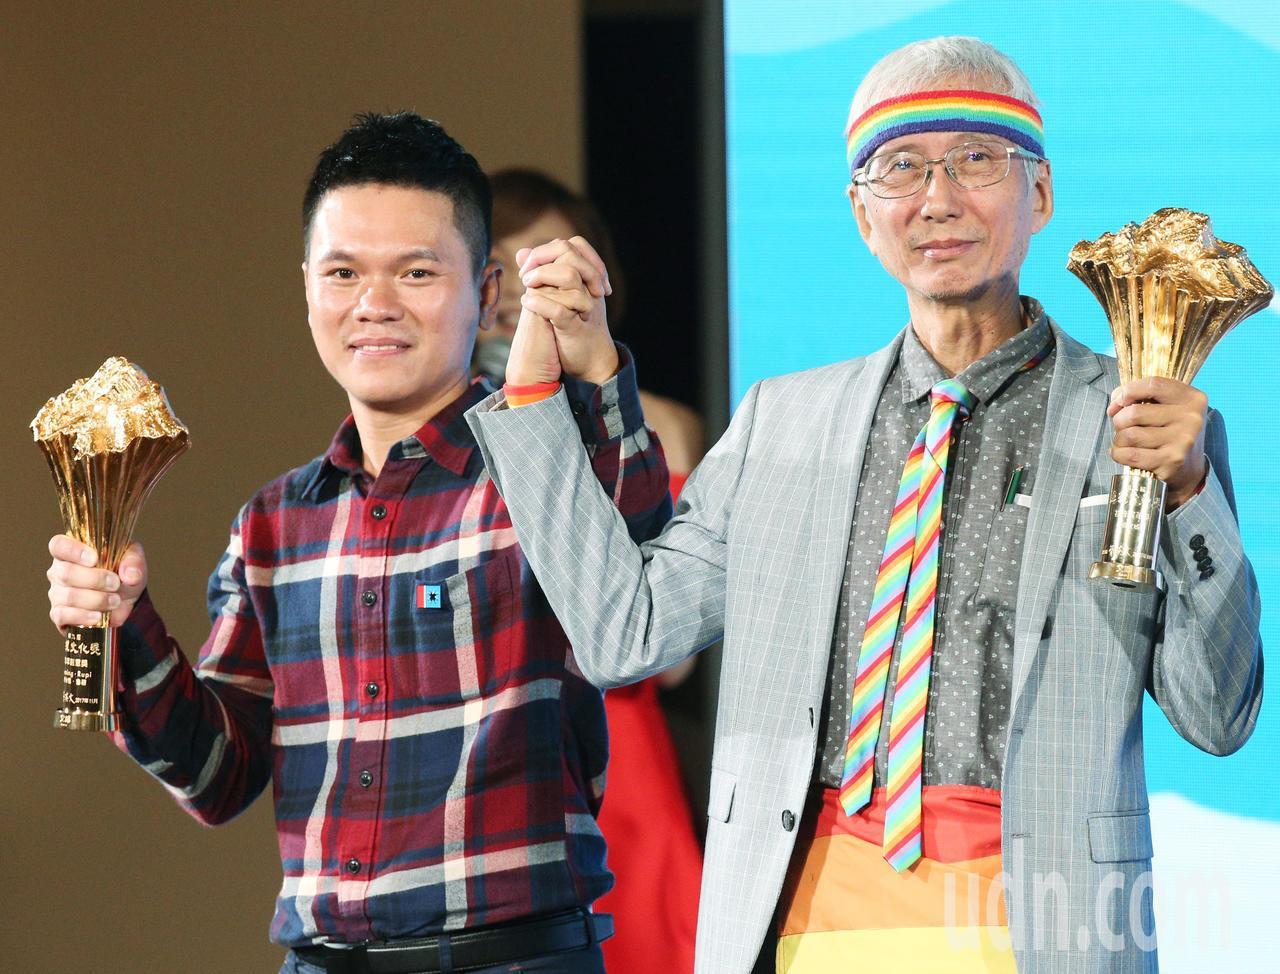 總統文化獎表揚晚會晚上在中山堂舉行,文化獎得主舒米恩·魯碧(左)與祁家威(右)牽...